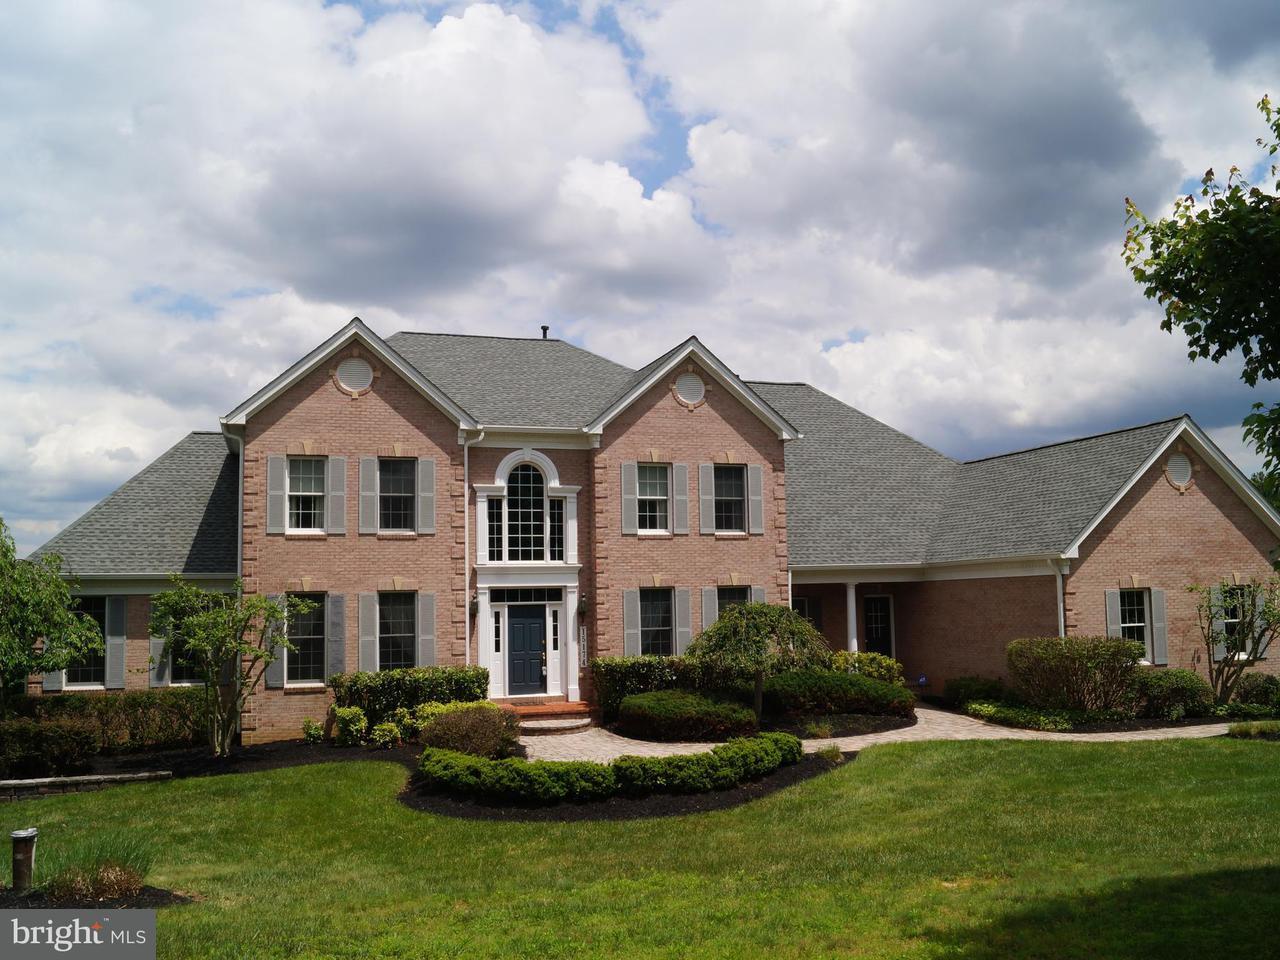 단독 가정 주택 용 매매 에 15174 Sapling Ridge Drive 15174 Sapling Ridge Drive Dayton, 메릴랜드 21036 미국